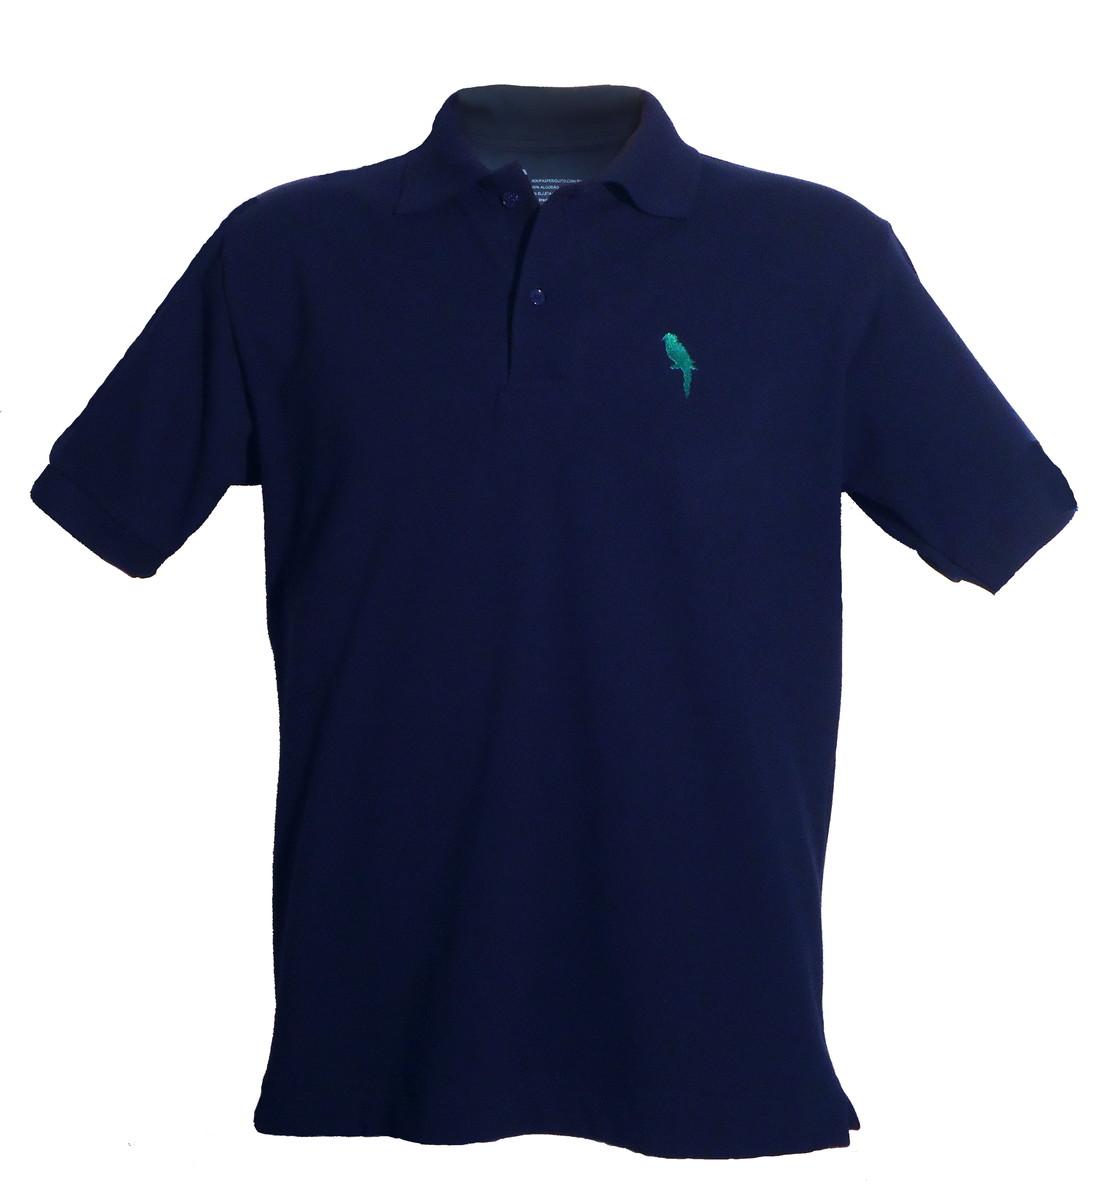 b2124e3e55 Camisa Polo Azul Marinho no Elo7